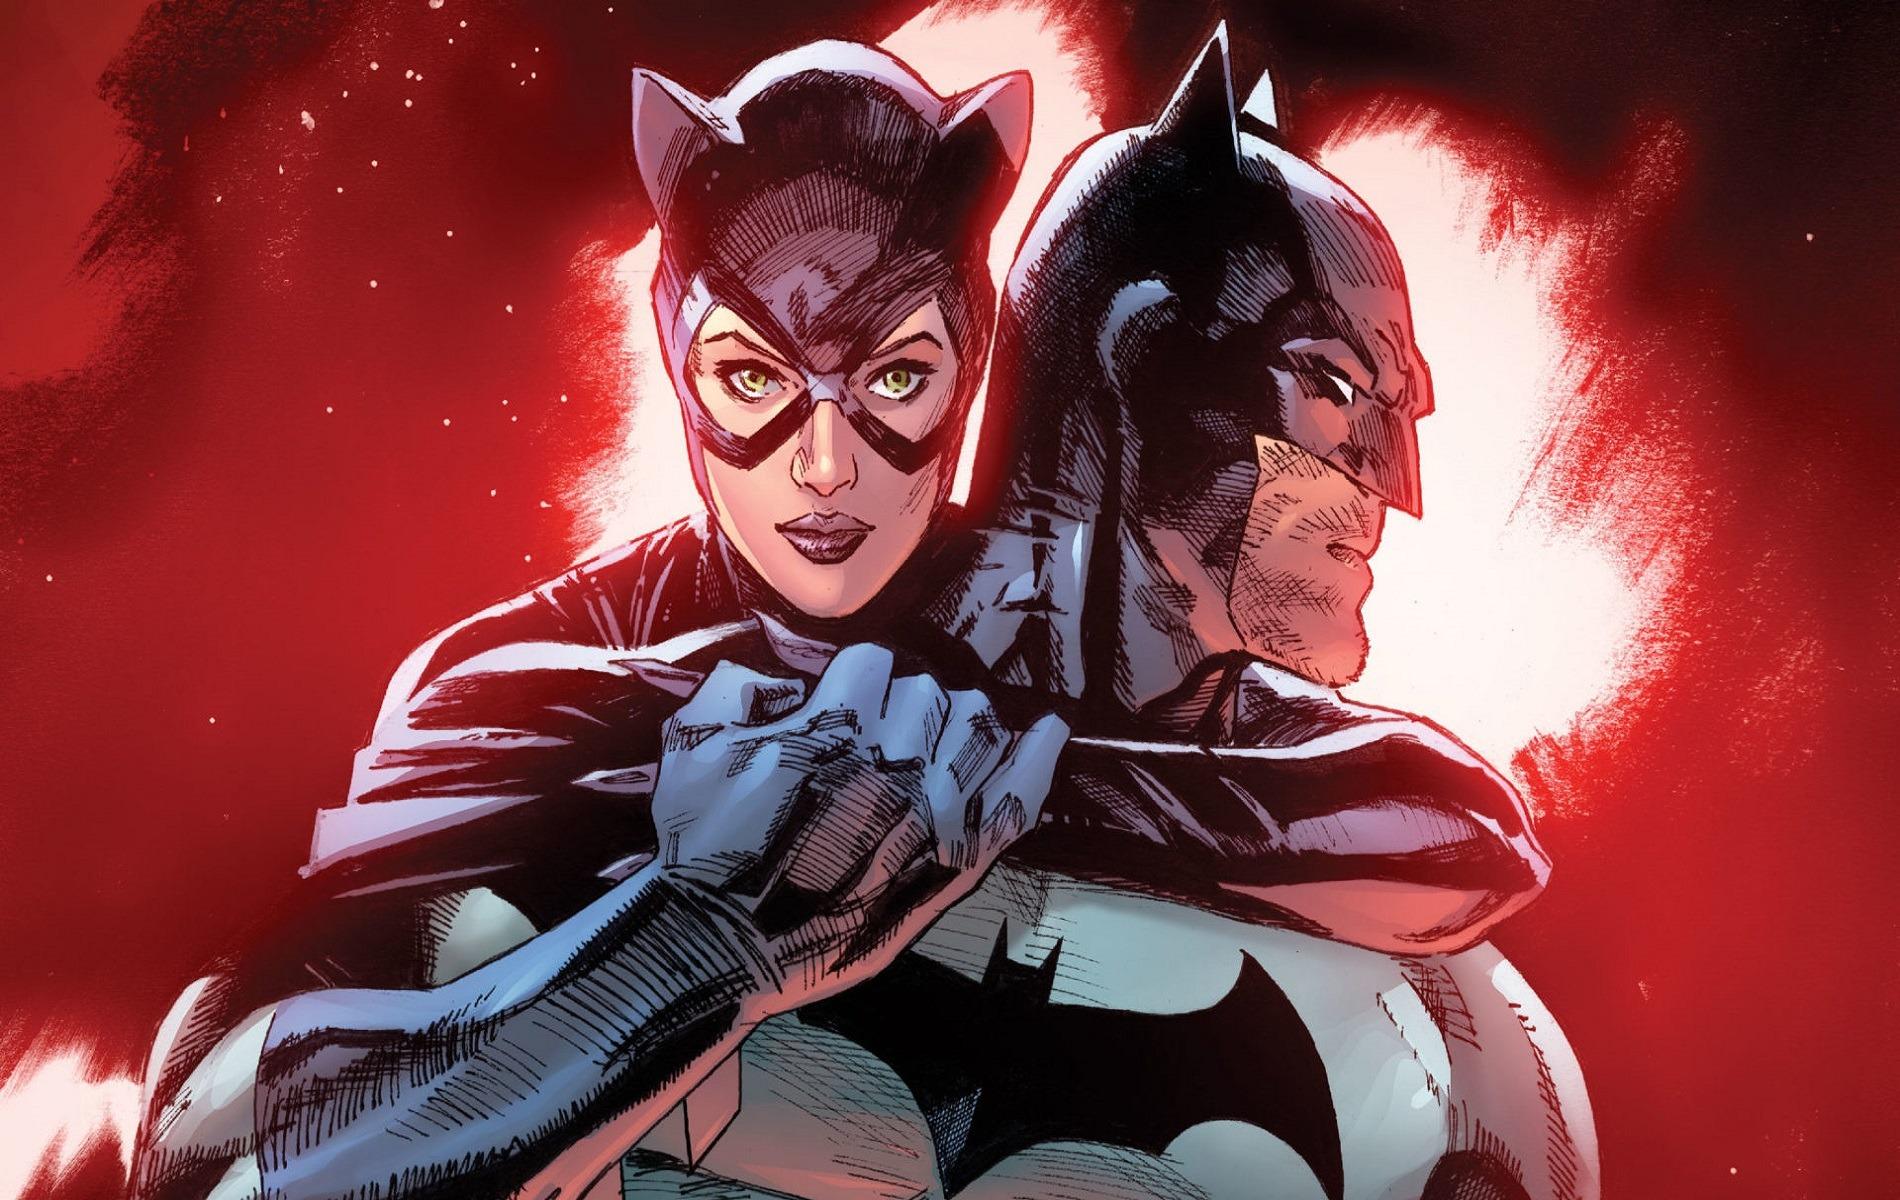 Бэтмен и Женщина-кошка стали парой